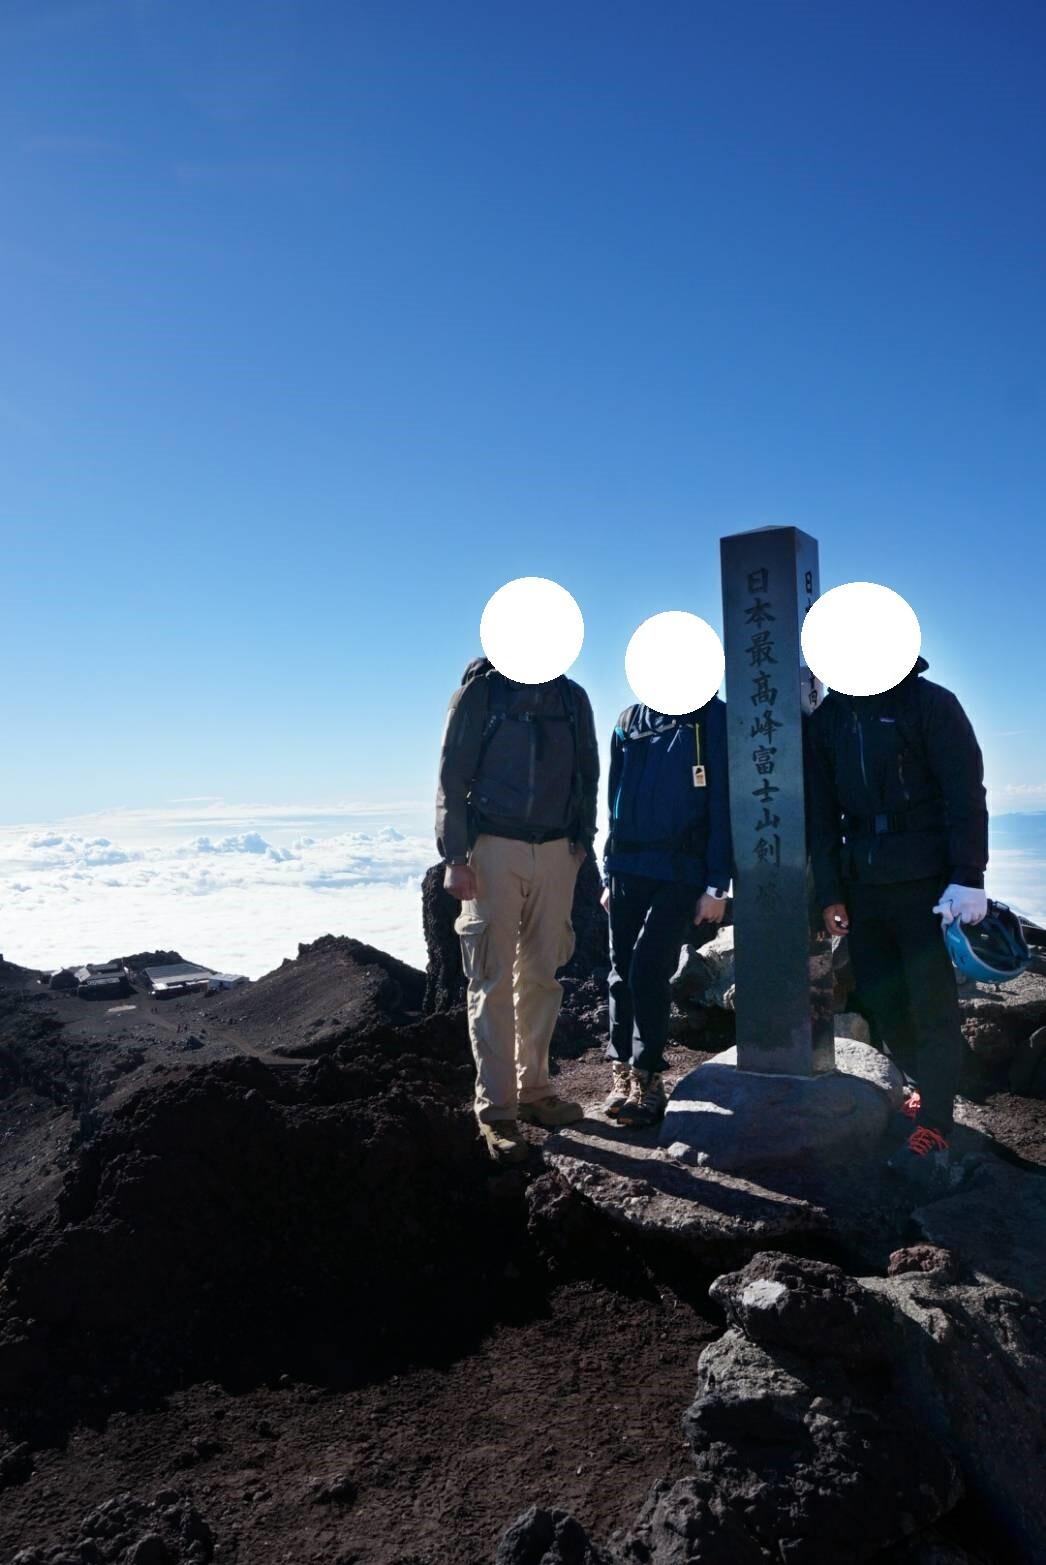 剣ヶ峰の山頂と筆者